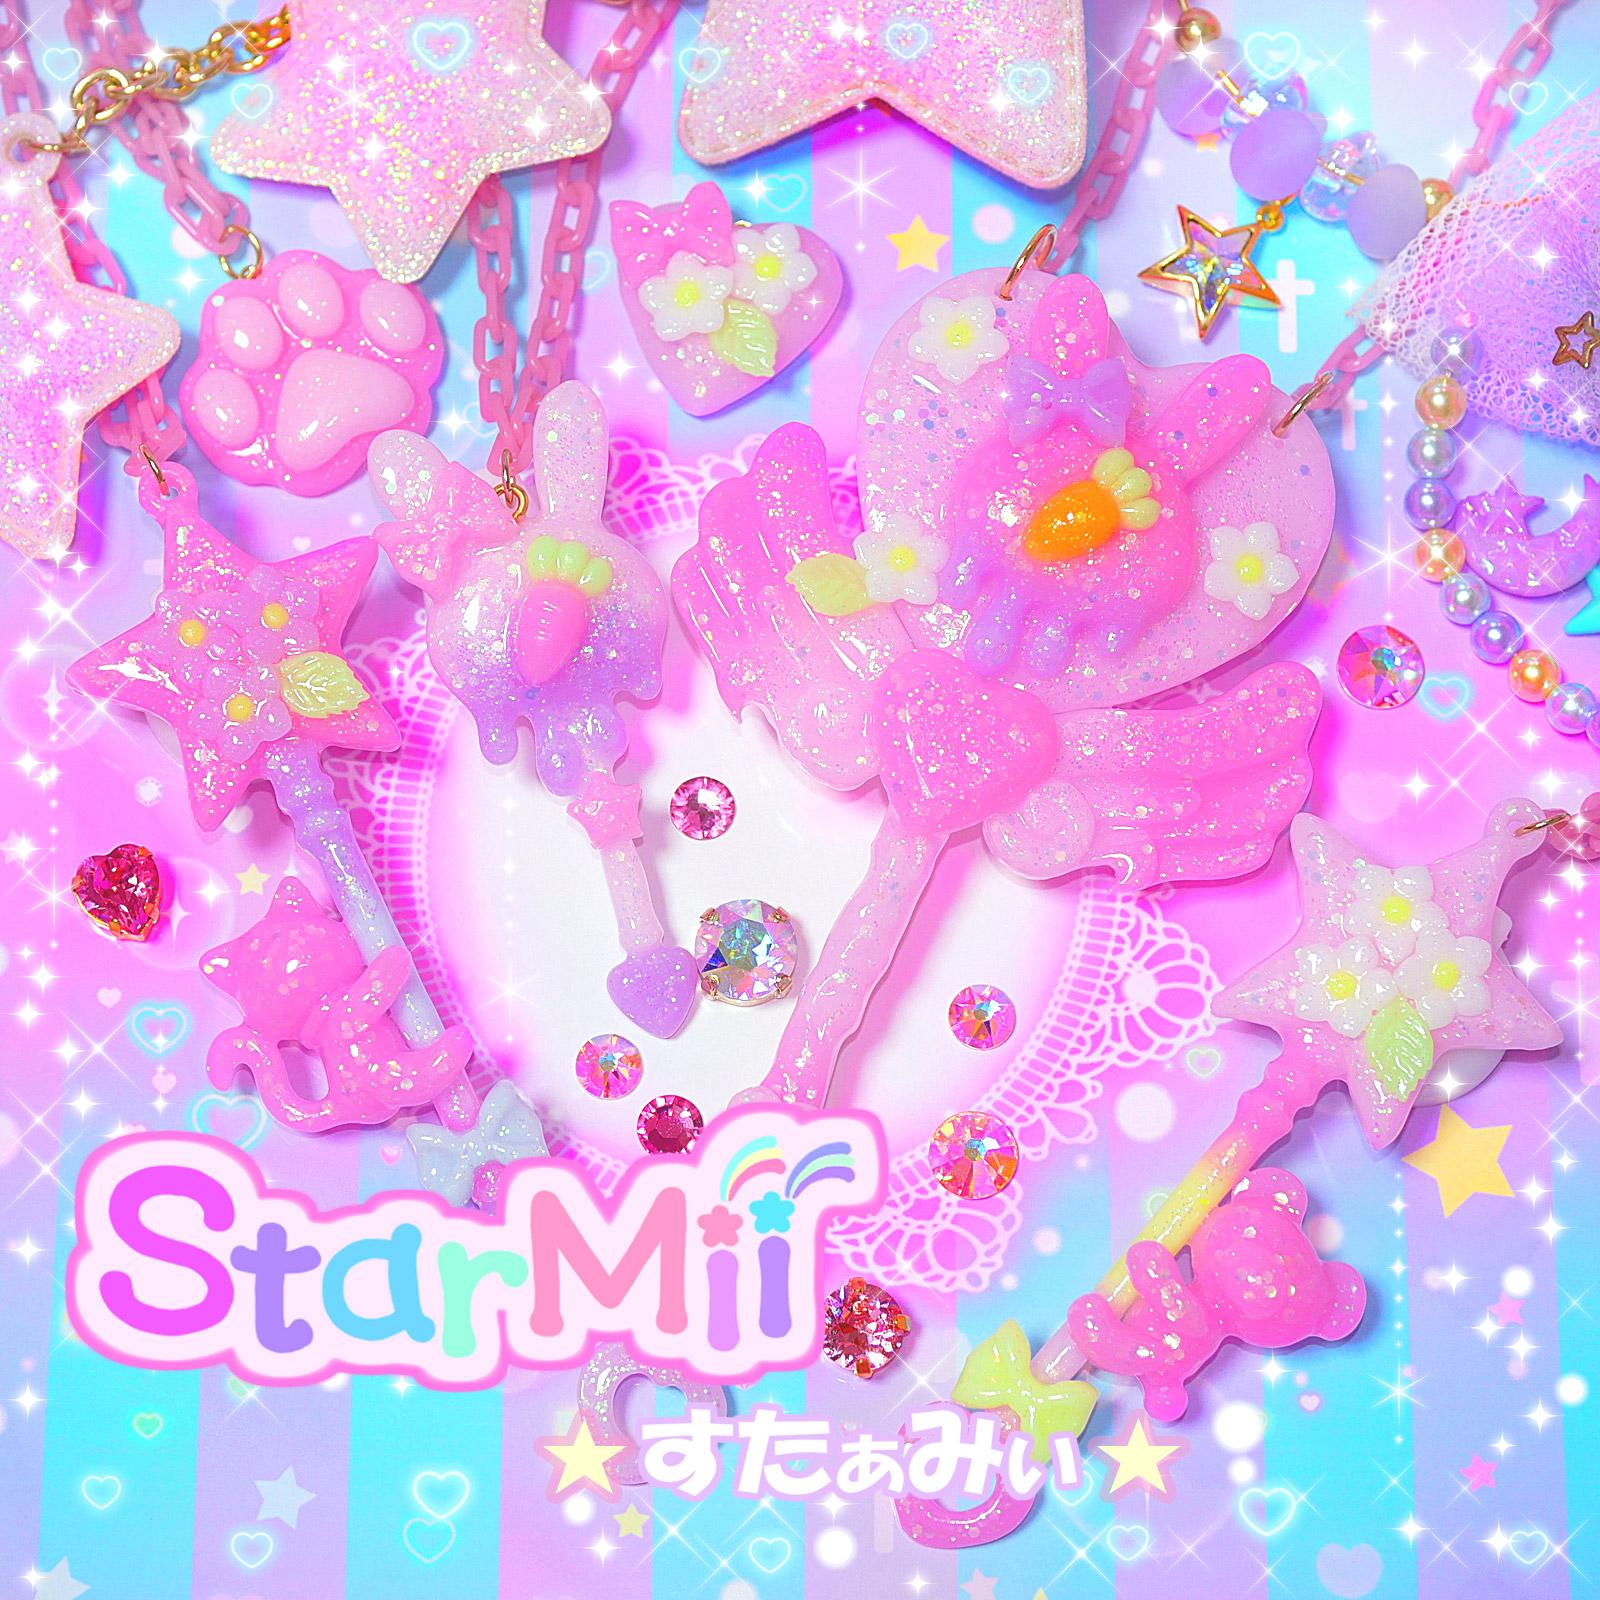 StarMii★ すたぁみぃ